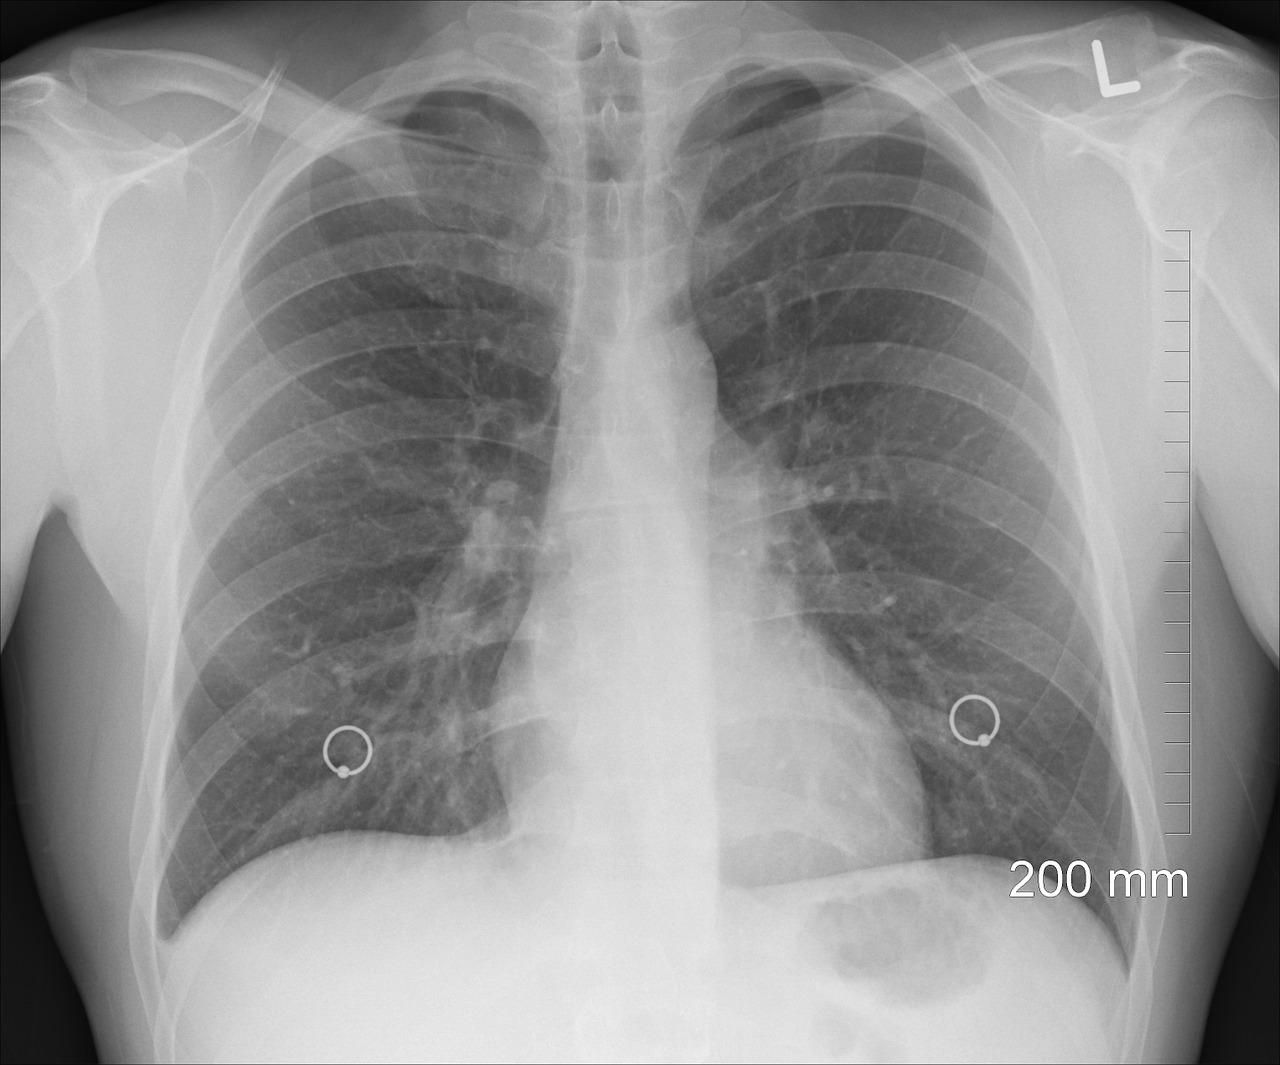 Trapianto di polmone infetto: il calvario di Elisa, morta di fibrosi cistica a 29 anni